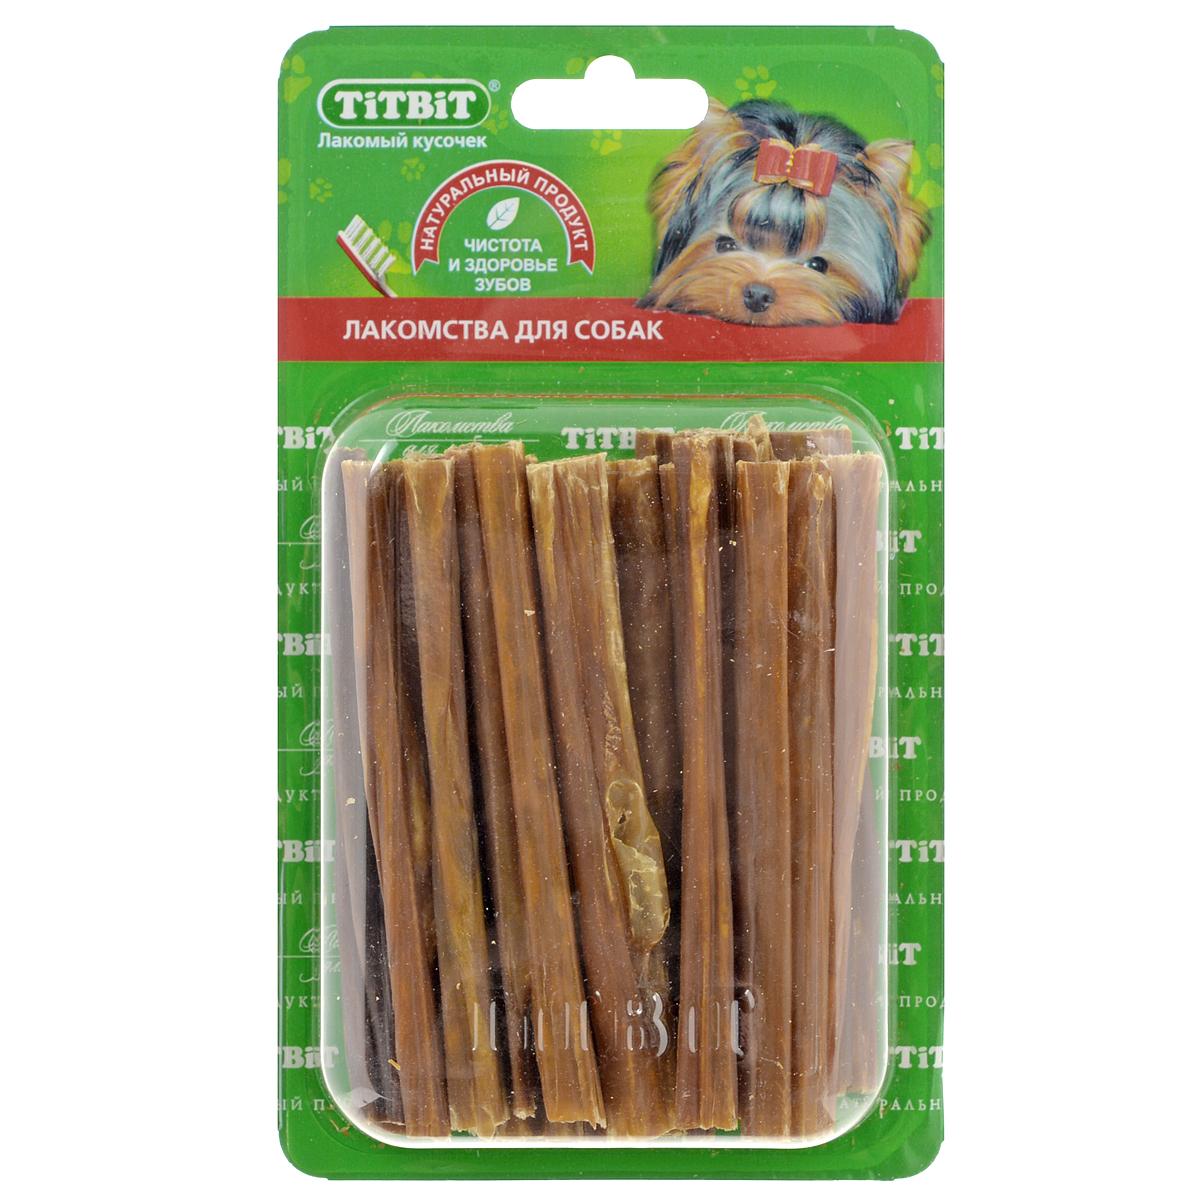 Лакомство для собак Titbit, кишки говяжьи, длина 11 см4687Лакомство для собак Titbit изготовлено из высушенных говяжьих кишков. Упаковка содержит 12-16 штук длиной 11 см. Легкоусвояемое лакомство, богатое витаминами и ферментами микрофлоры кишечника крупного рогатого скота. Имеют большую энергетическую ценность из-за повышенного содержания жира. Богаты протеинами, которые содержат все незаменимые аминокислоты и потому усваиваются на 90-95%. Содержат минеральные вещества в большем количестве, чем все остальные продукты (в том числе кальций, магний и фосфор), жирорастворимые витамины, а также водорастворимые витамины. Рекомендации к применению: Очищает зубы у мелких пород собак, продукт полезен для стимуляции пищеварения. Рекомендовано для профилактики витаминного и ферментного дефицита у собак всех пород. Кишки - лакомства очень концентрированные, насыщенные ферментами и богатые жиром. Они не предназначены для частого применения (2, максимум 3 раза в неделю при хорошей переносимости, а также в зависимости от рациона собаки). По той же...